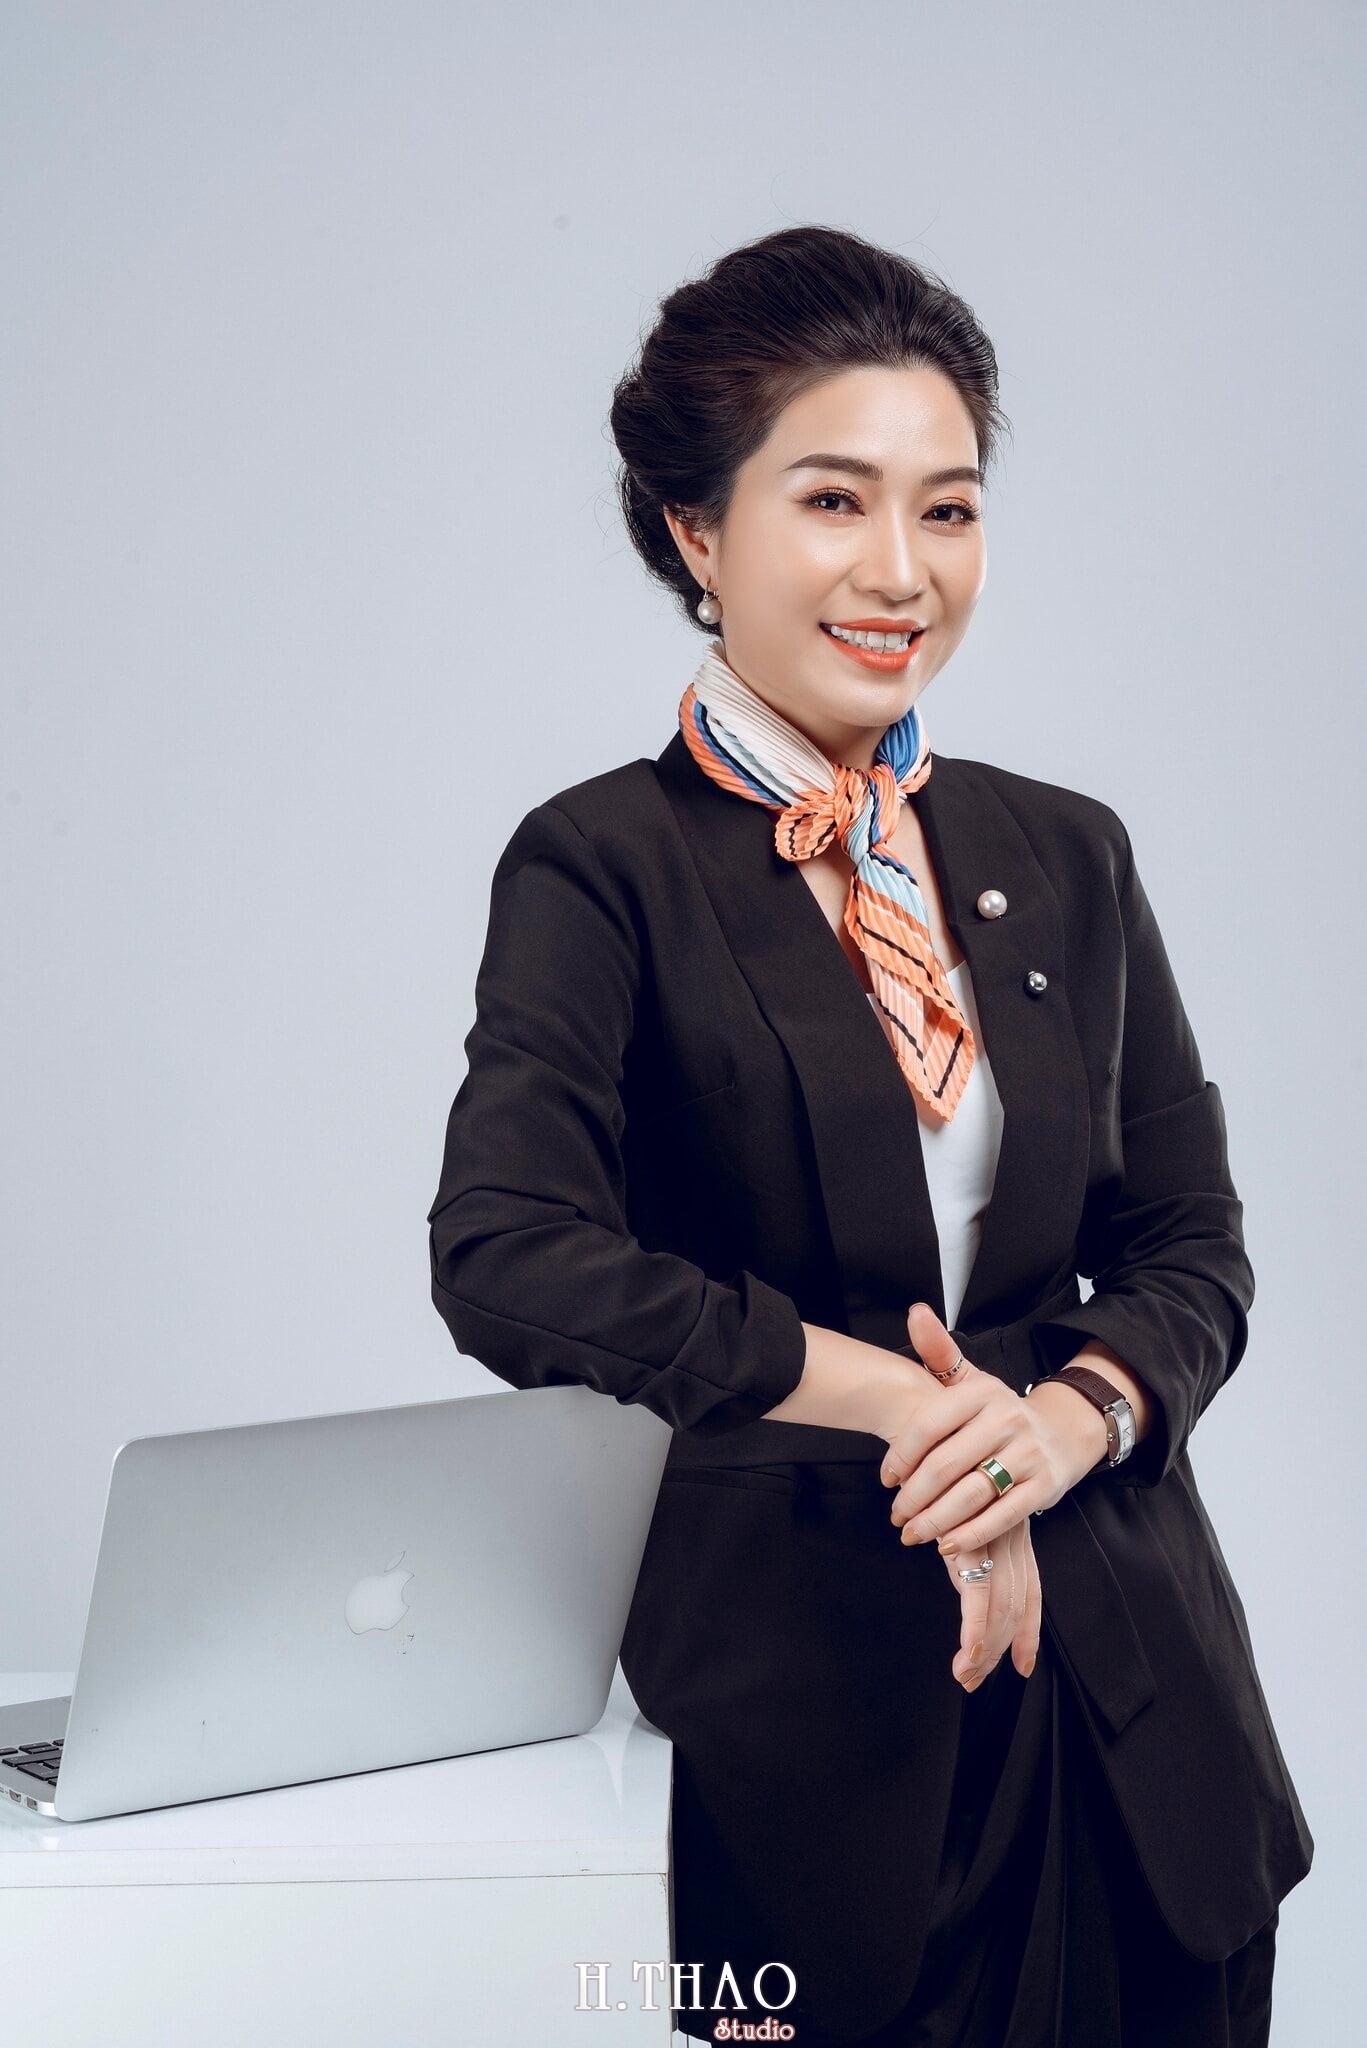 Doanh nhan nu 9 - Chụp ảnh nữ doanh nhân Lan Nguyễn tại HThao Studio – Tp.HCM